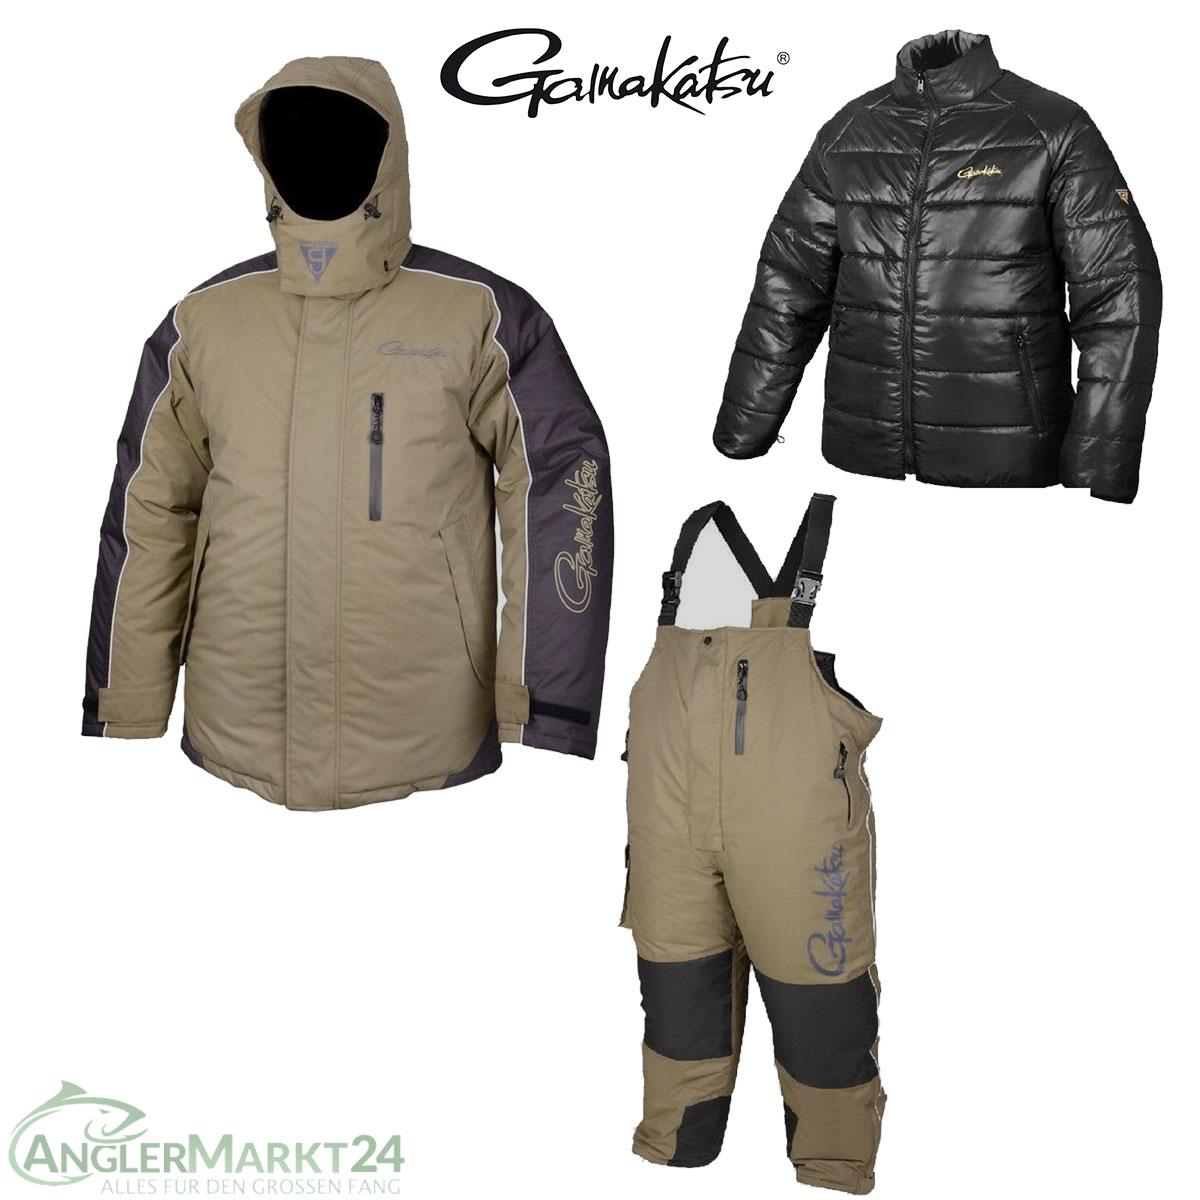 Gamakatsu HYPER Thermal Anzug Khaki XXL Thermoanzug extrem warm oliv Suits